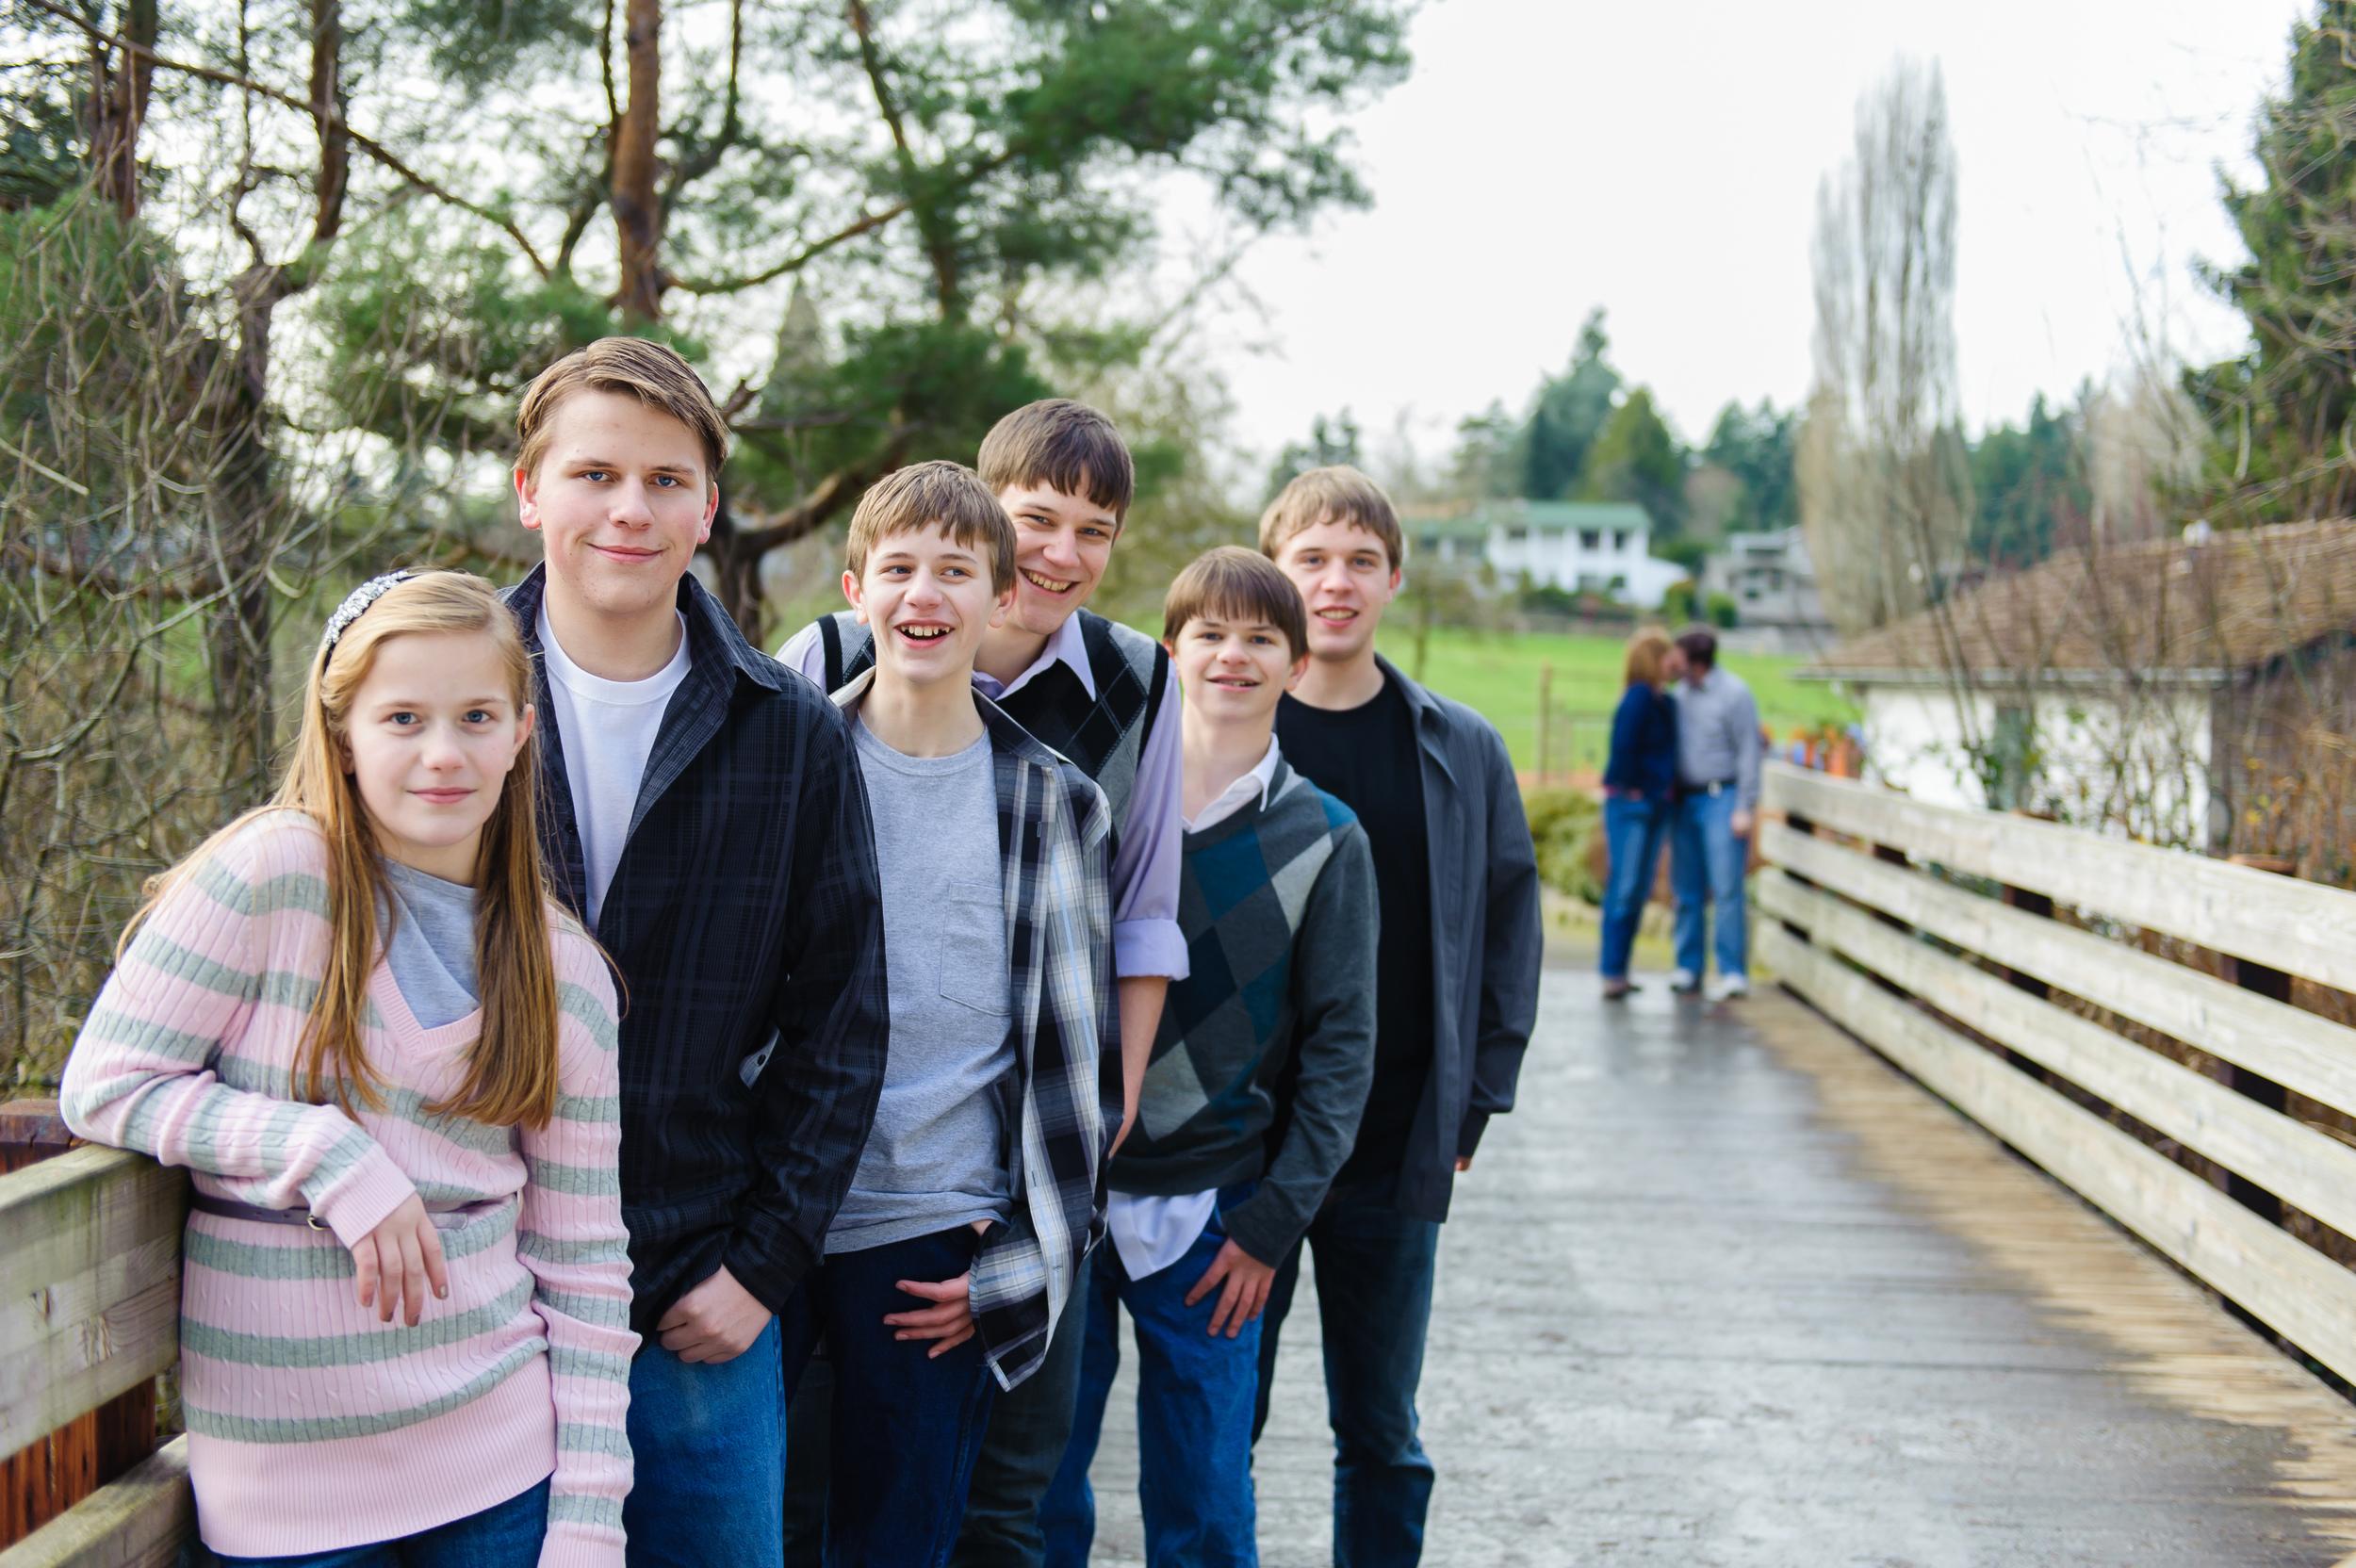 2013 Jan, Family Photo, Jessie, Mike, Chris, Kray, Matt, Jason, Doreen & Steve (42).jpg